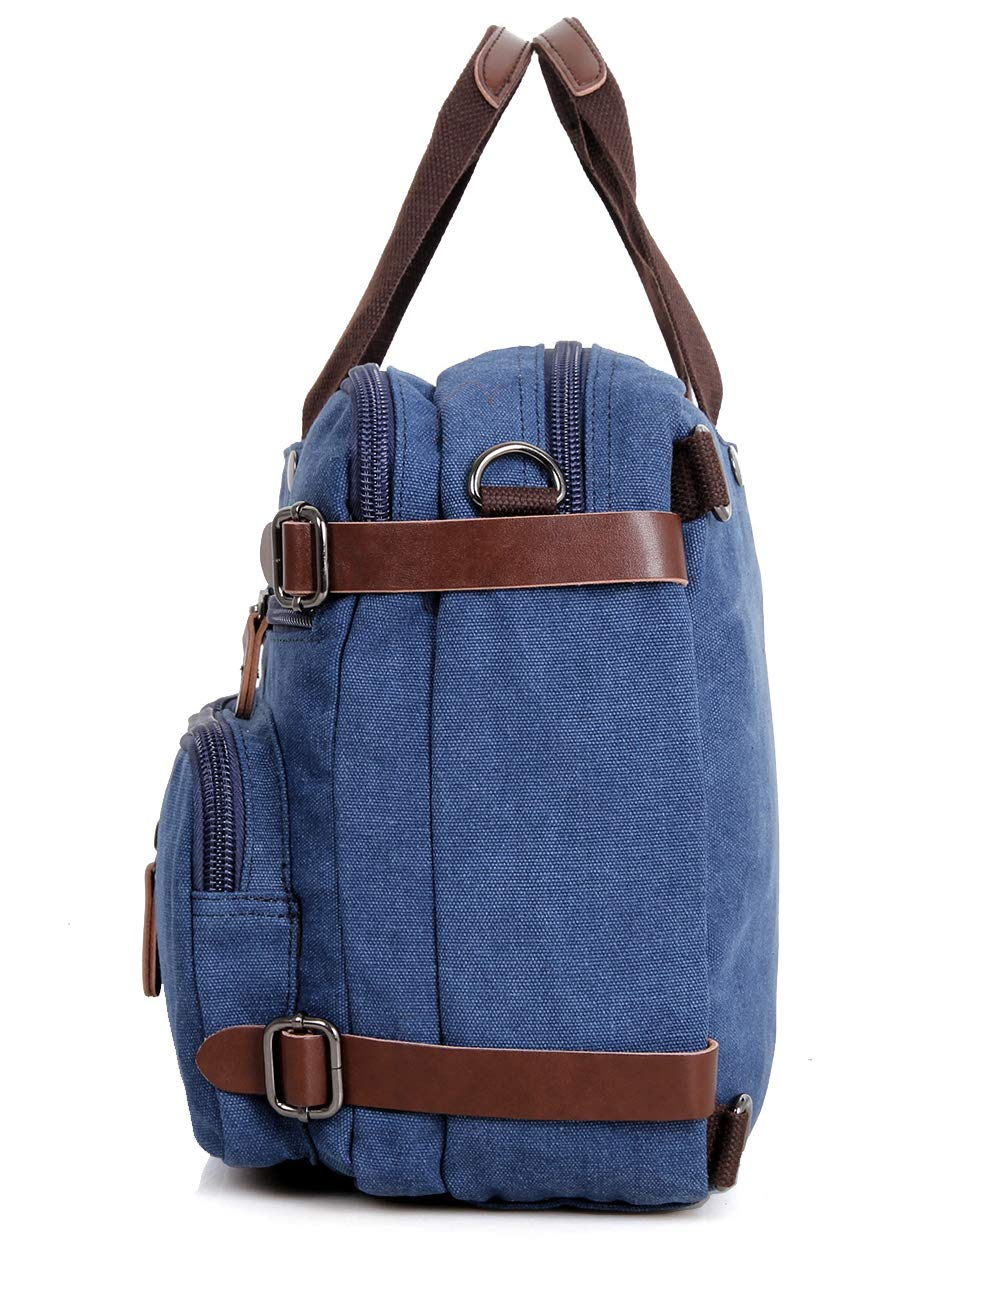 Clean Vintage Laptop Bag Hybrid Backpack Messenger Bag/Convertible Briefcase Backpack Satchel for Men Women- BookBag Rucksack Daypack-Waxed Canvas Leather, Blue by Clean Vintage (Image #4)